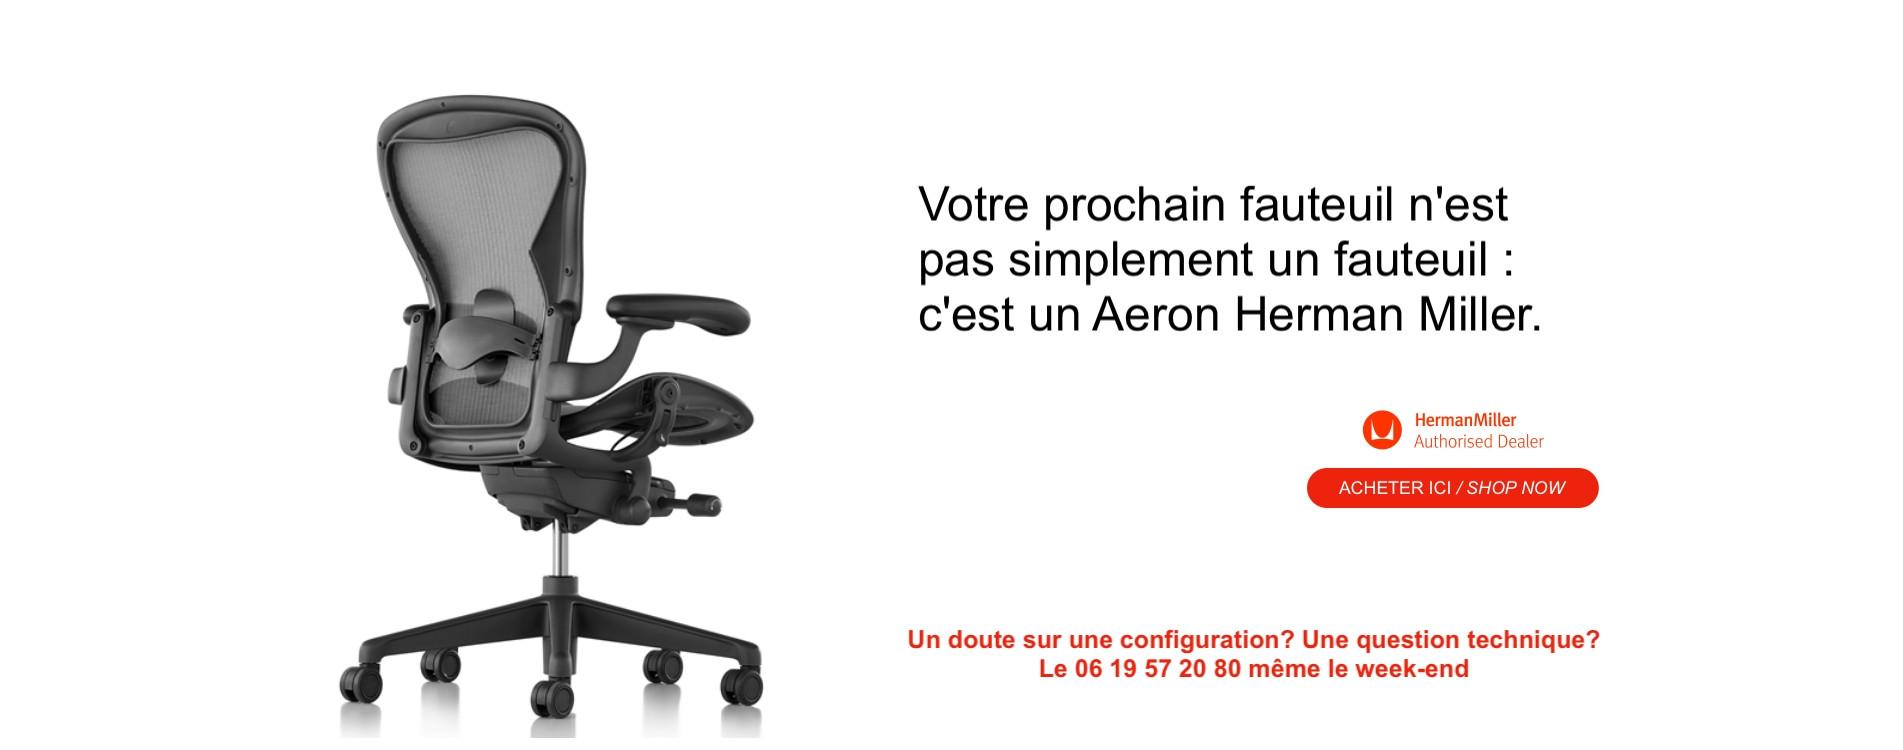 Votre prochain fauteuil est un Aeron Herman Miller